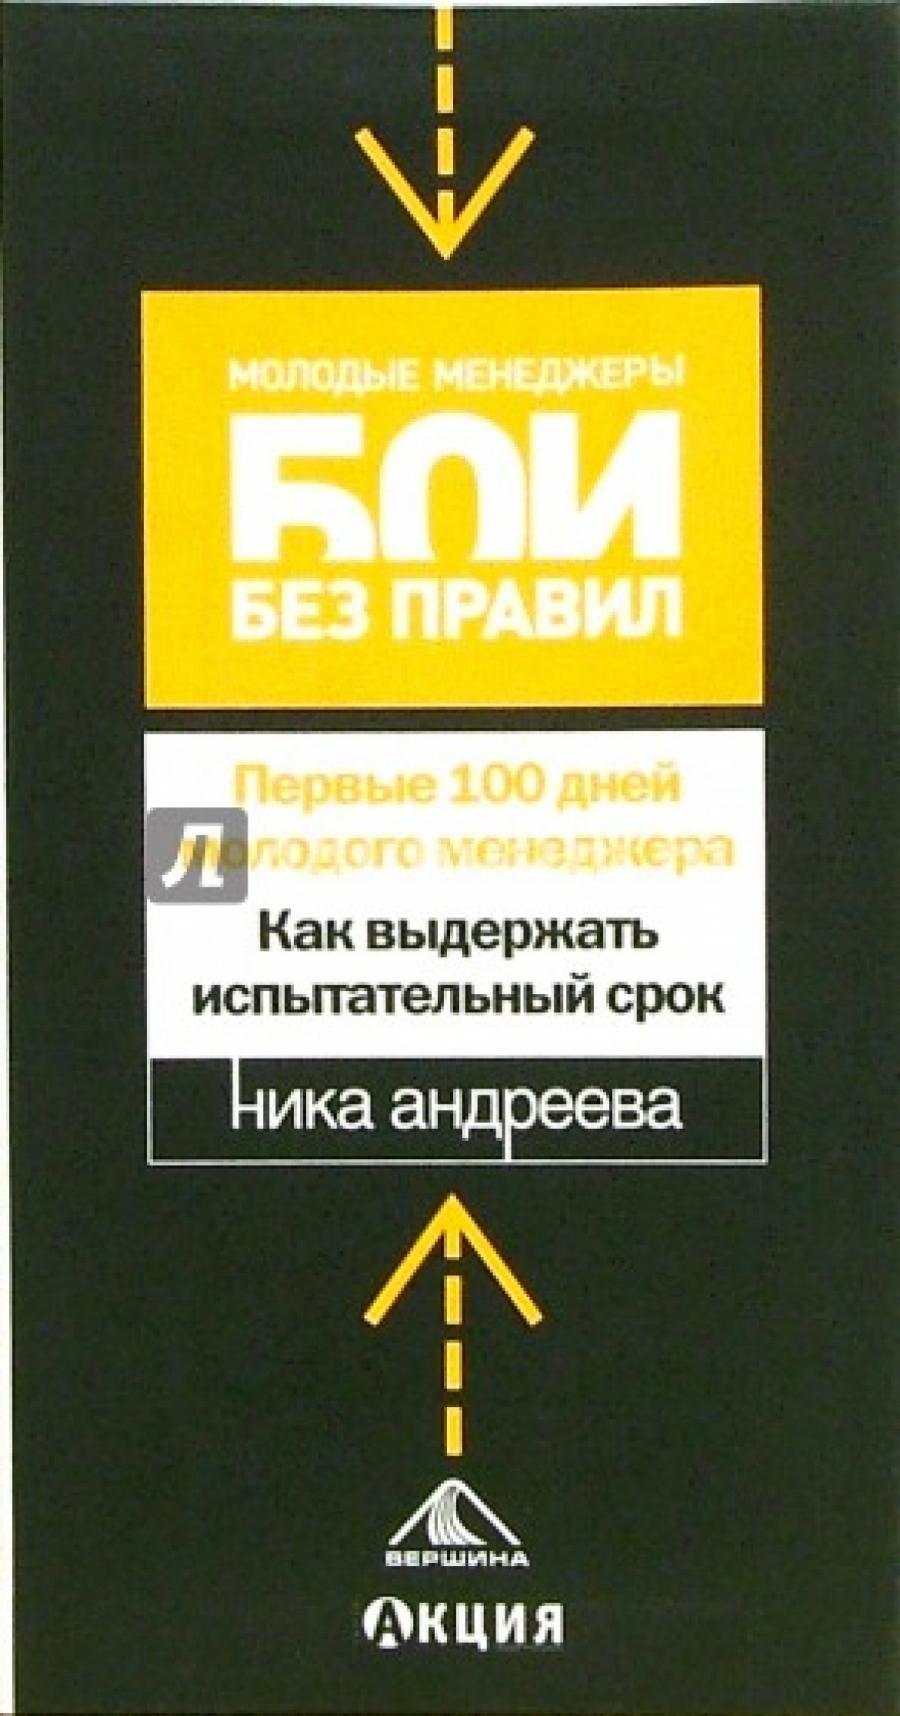 Обложка книги:  ника андреева - первые 100 дней молодого менеджера. как выдержать испытательный срок